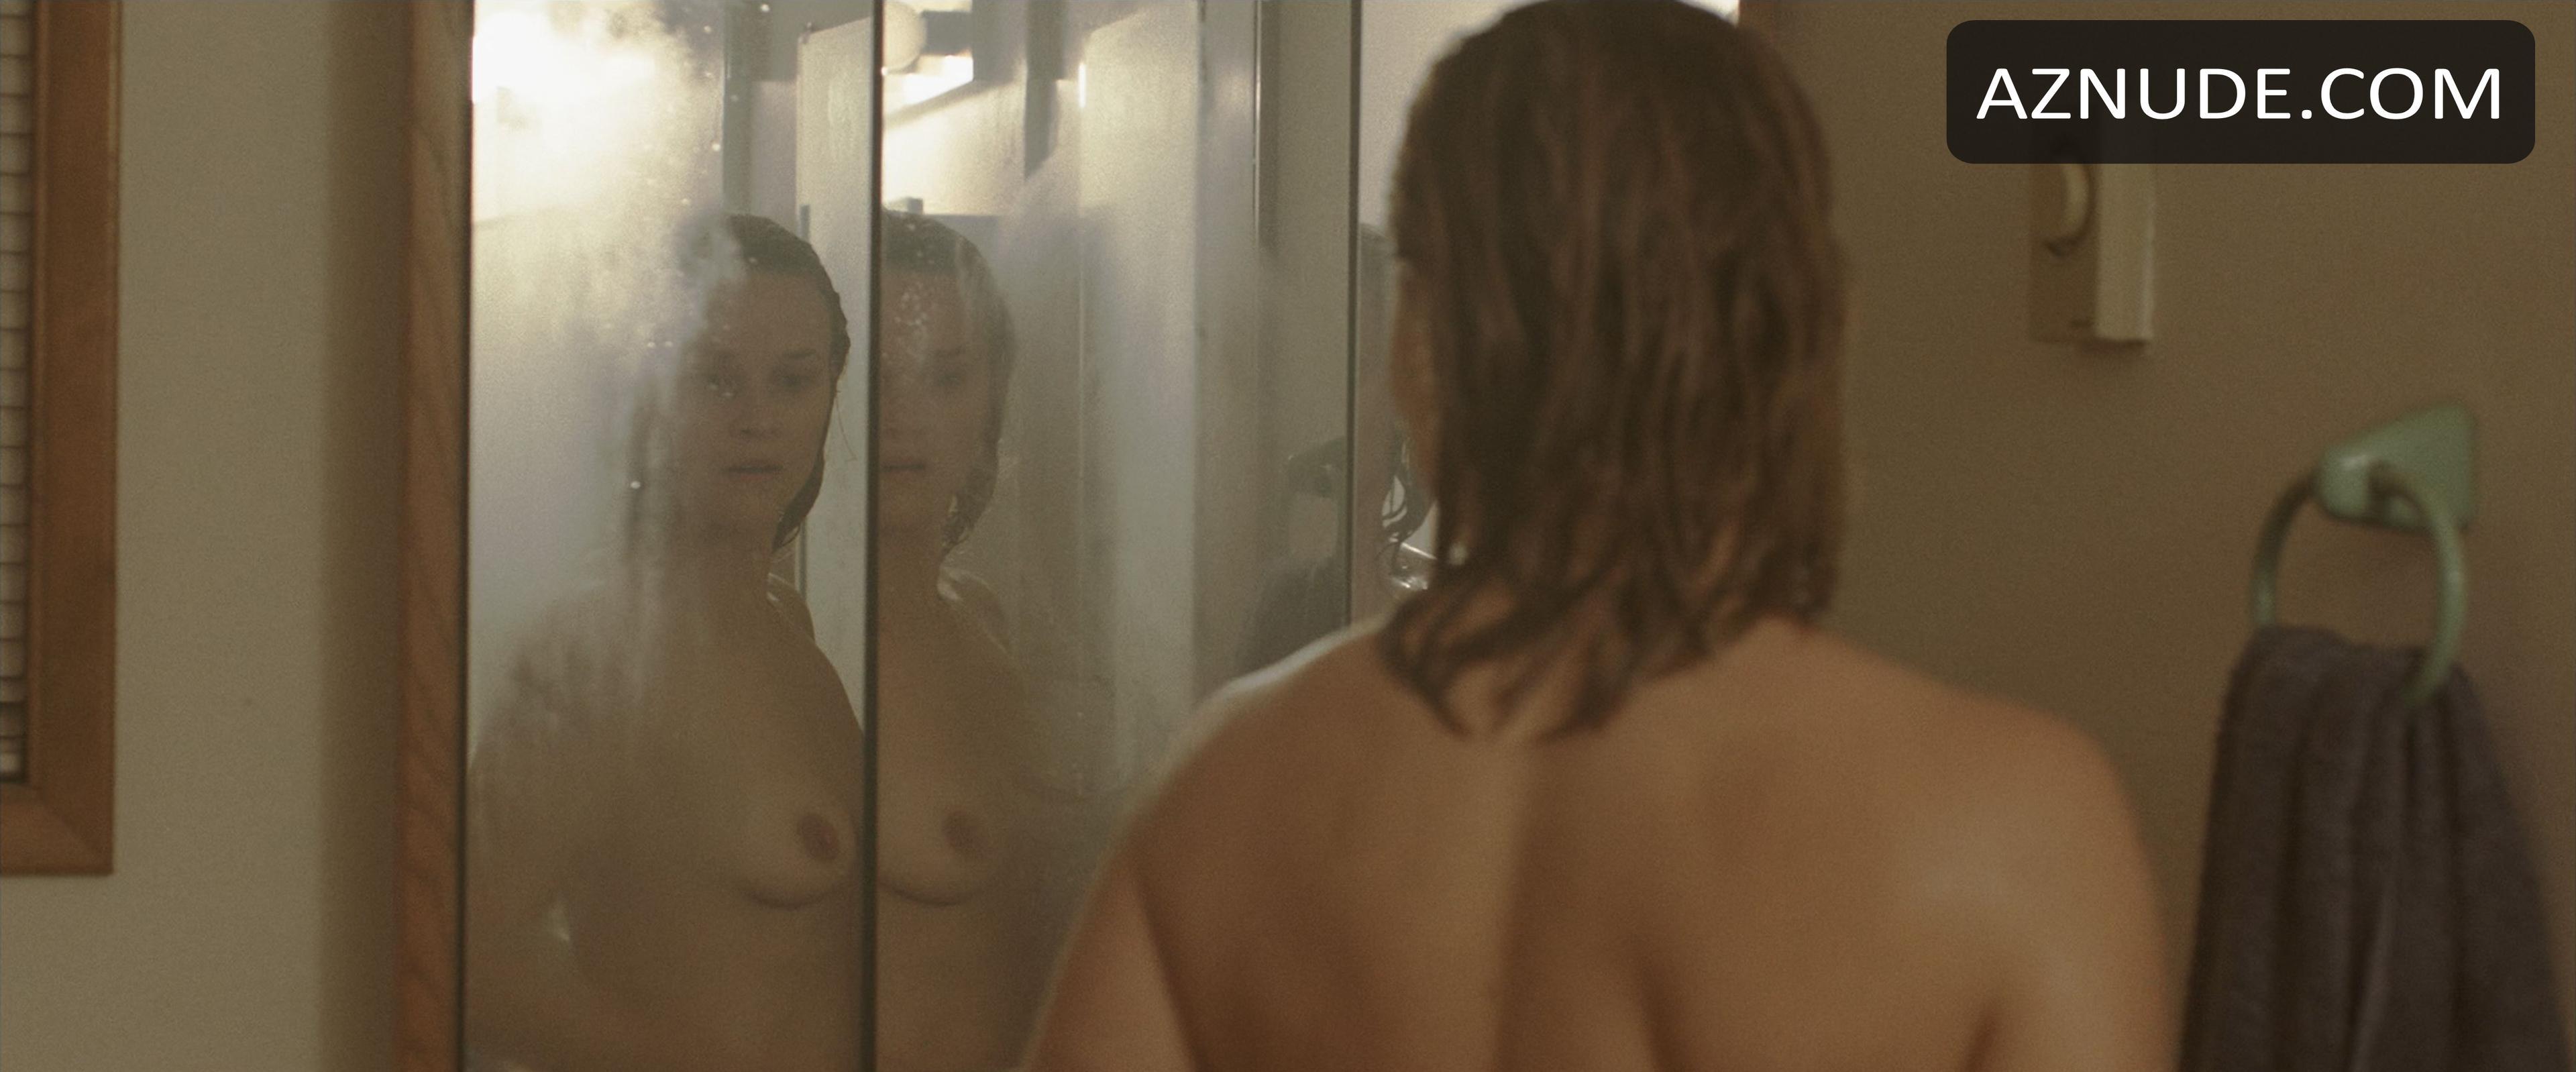 Wild Nude Scenes - Aznude-8303